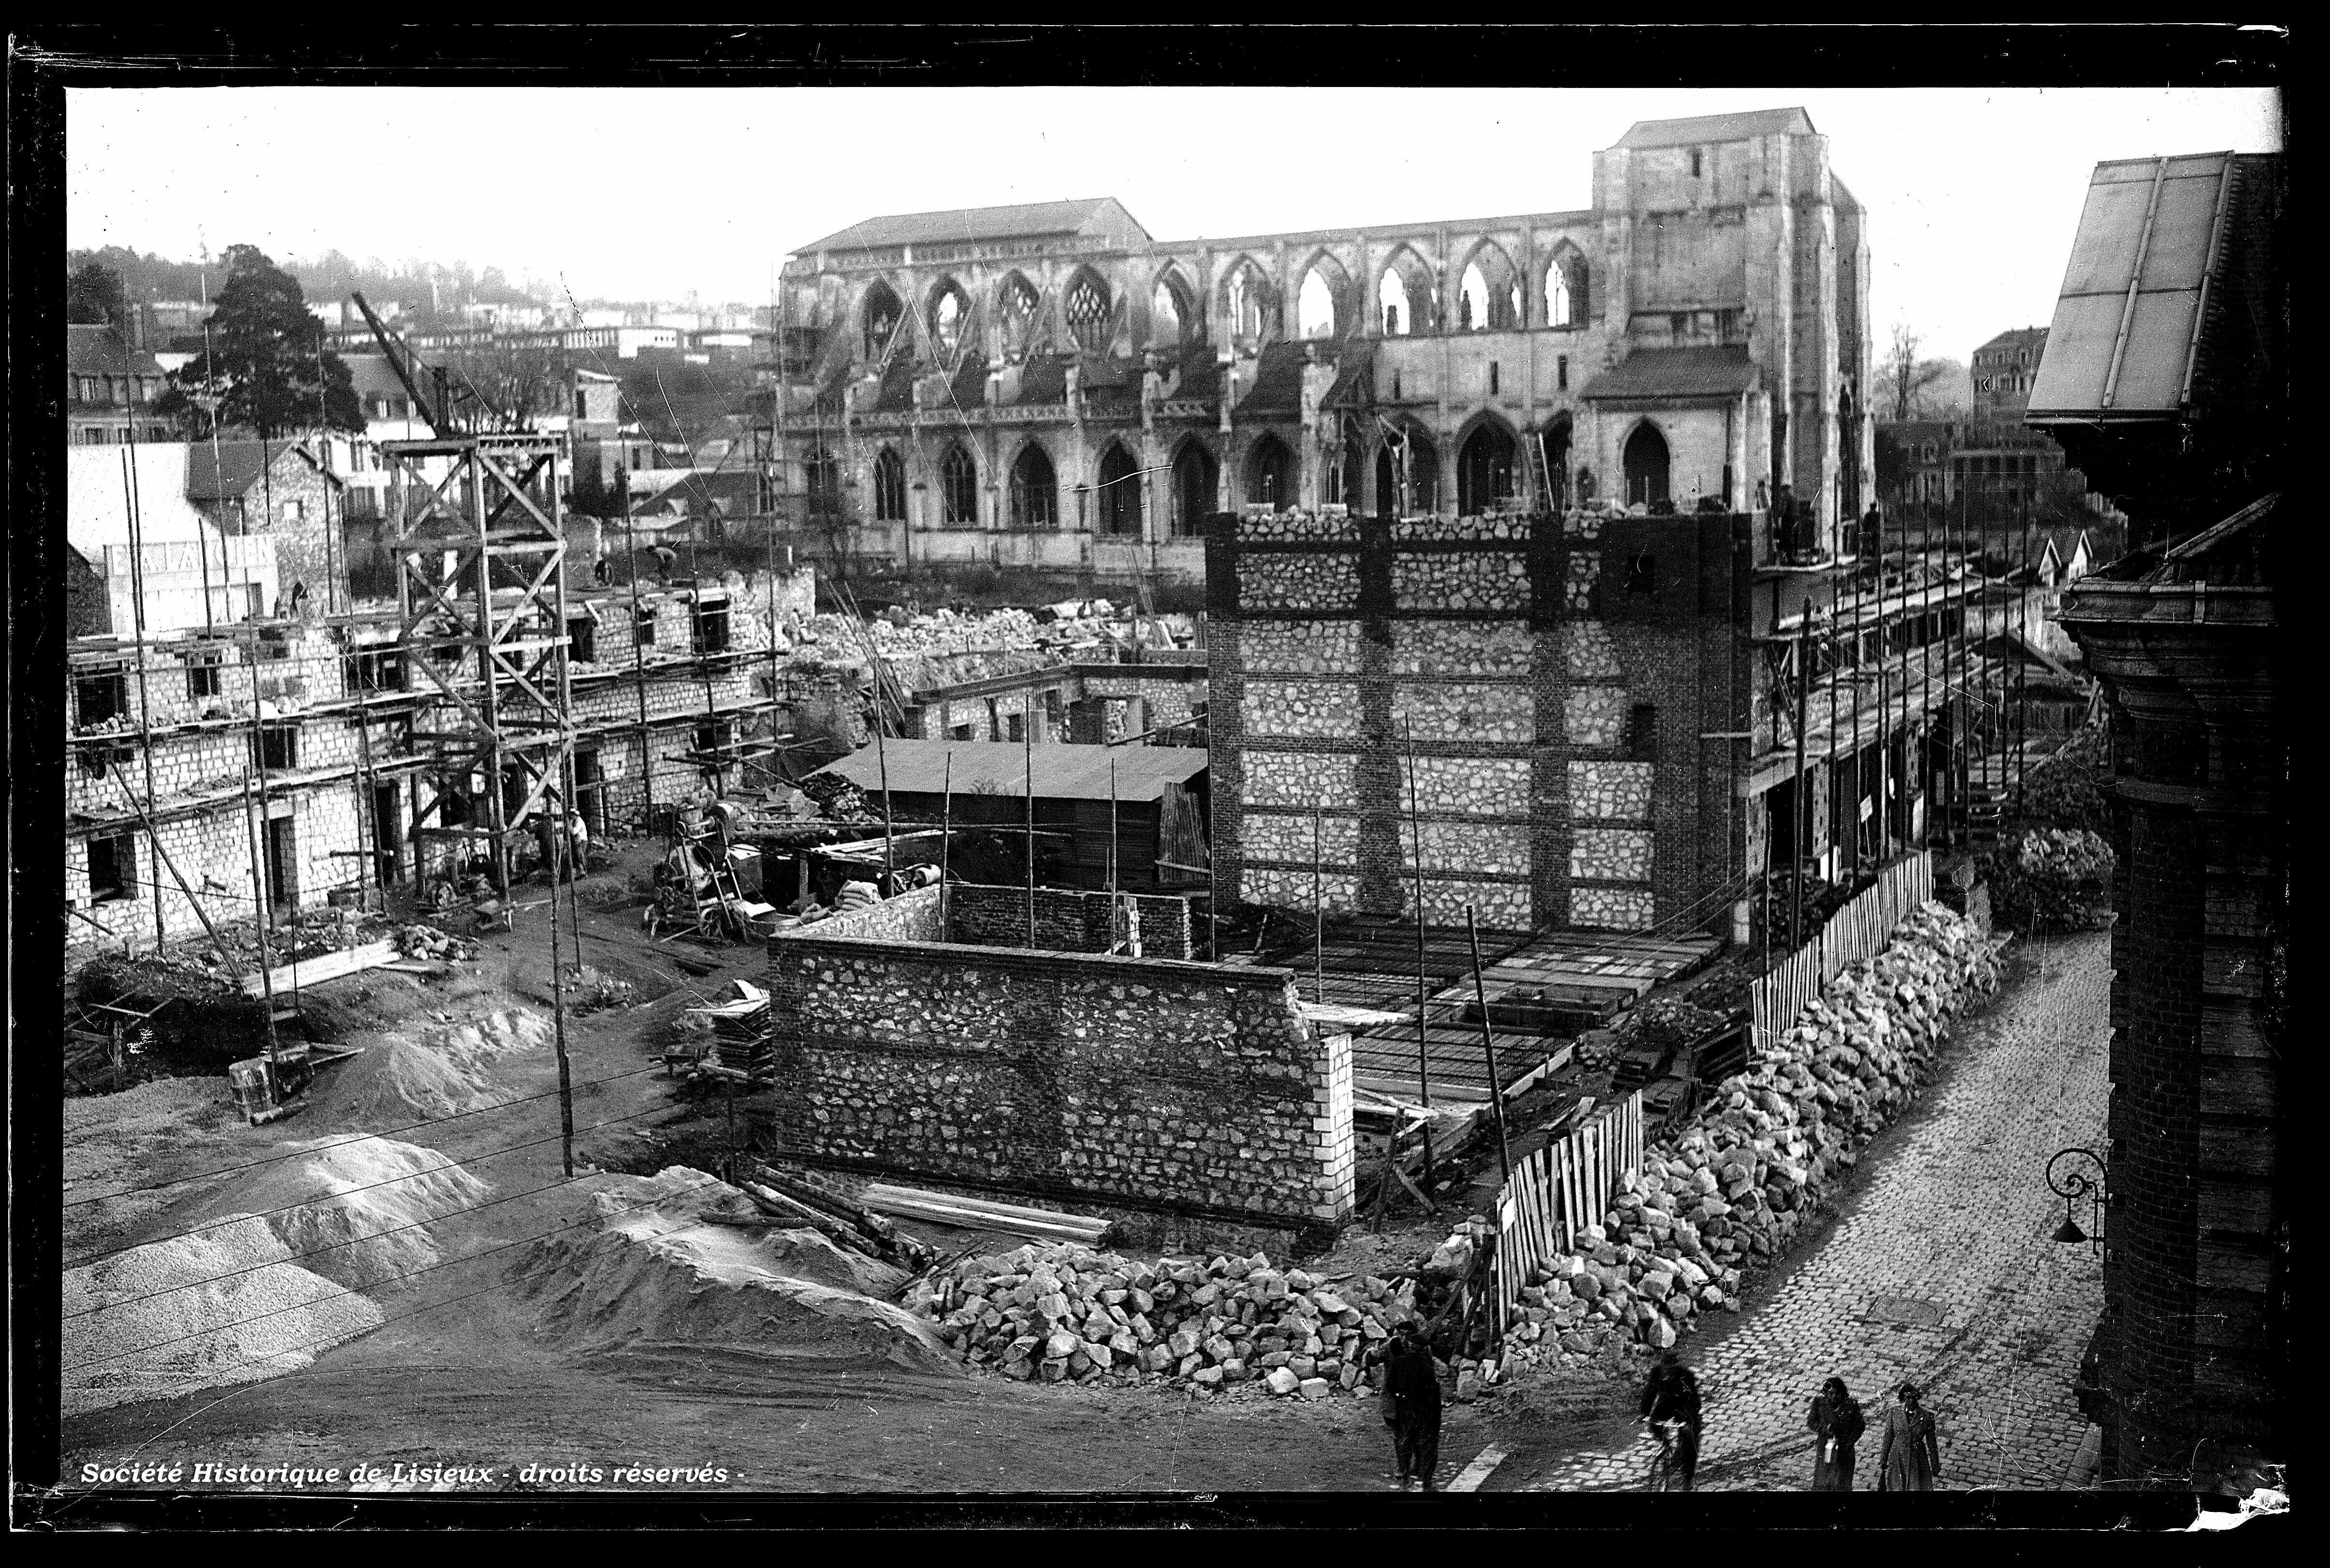 Etat d'avancement des constructions, rue au Char (photos n°1121 et 1129)